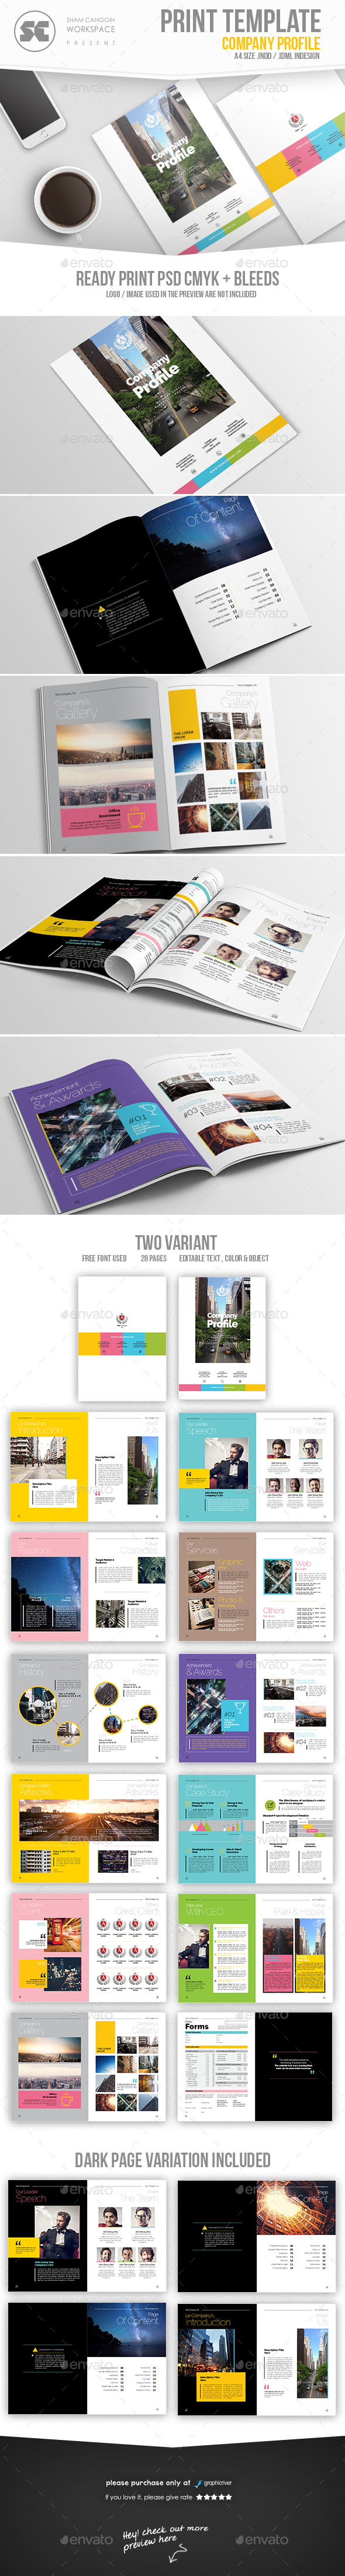 Company Profile | Publicitaria y Plantas